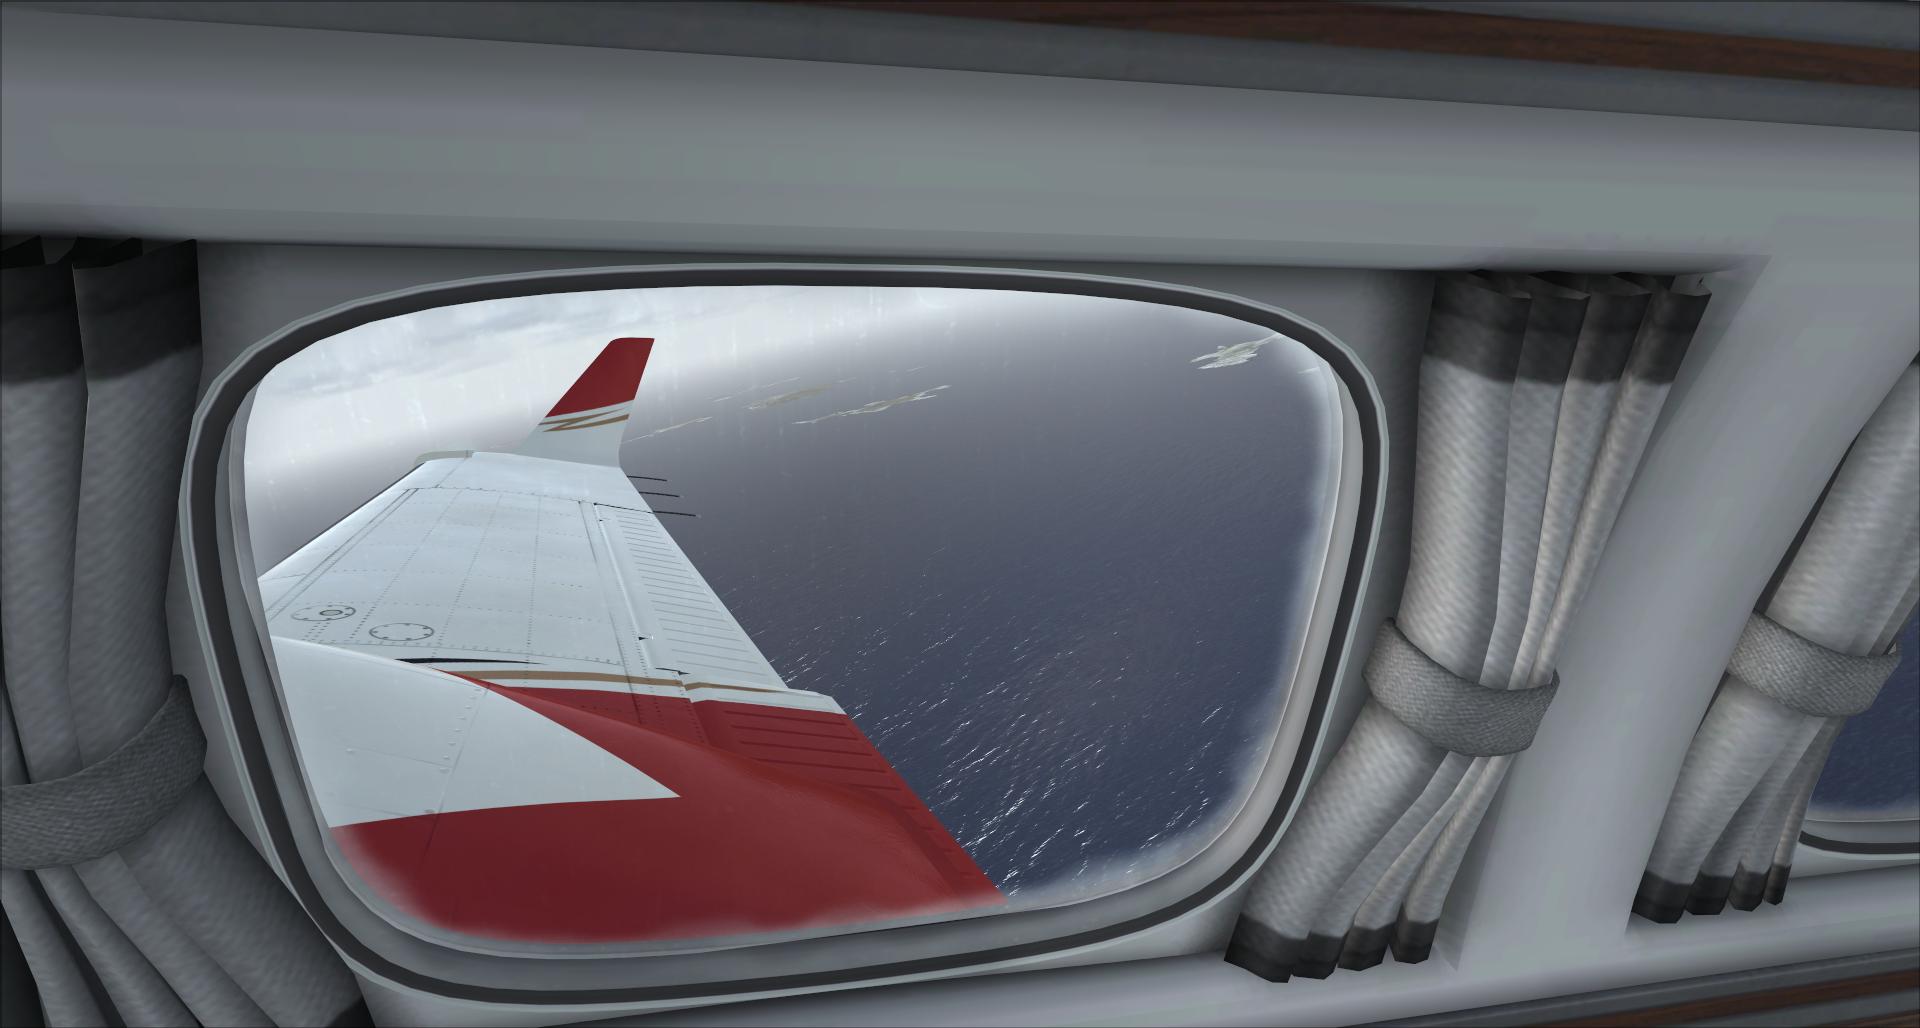 Rapport du vol: Ouessant (LFEC) à Ile de Re (LFBH) 4161822014114203147700